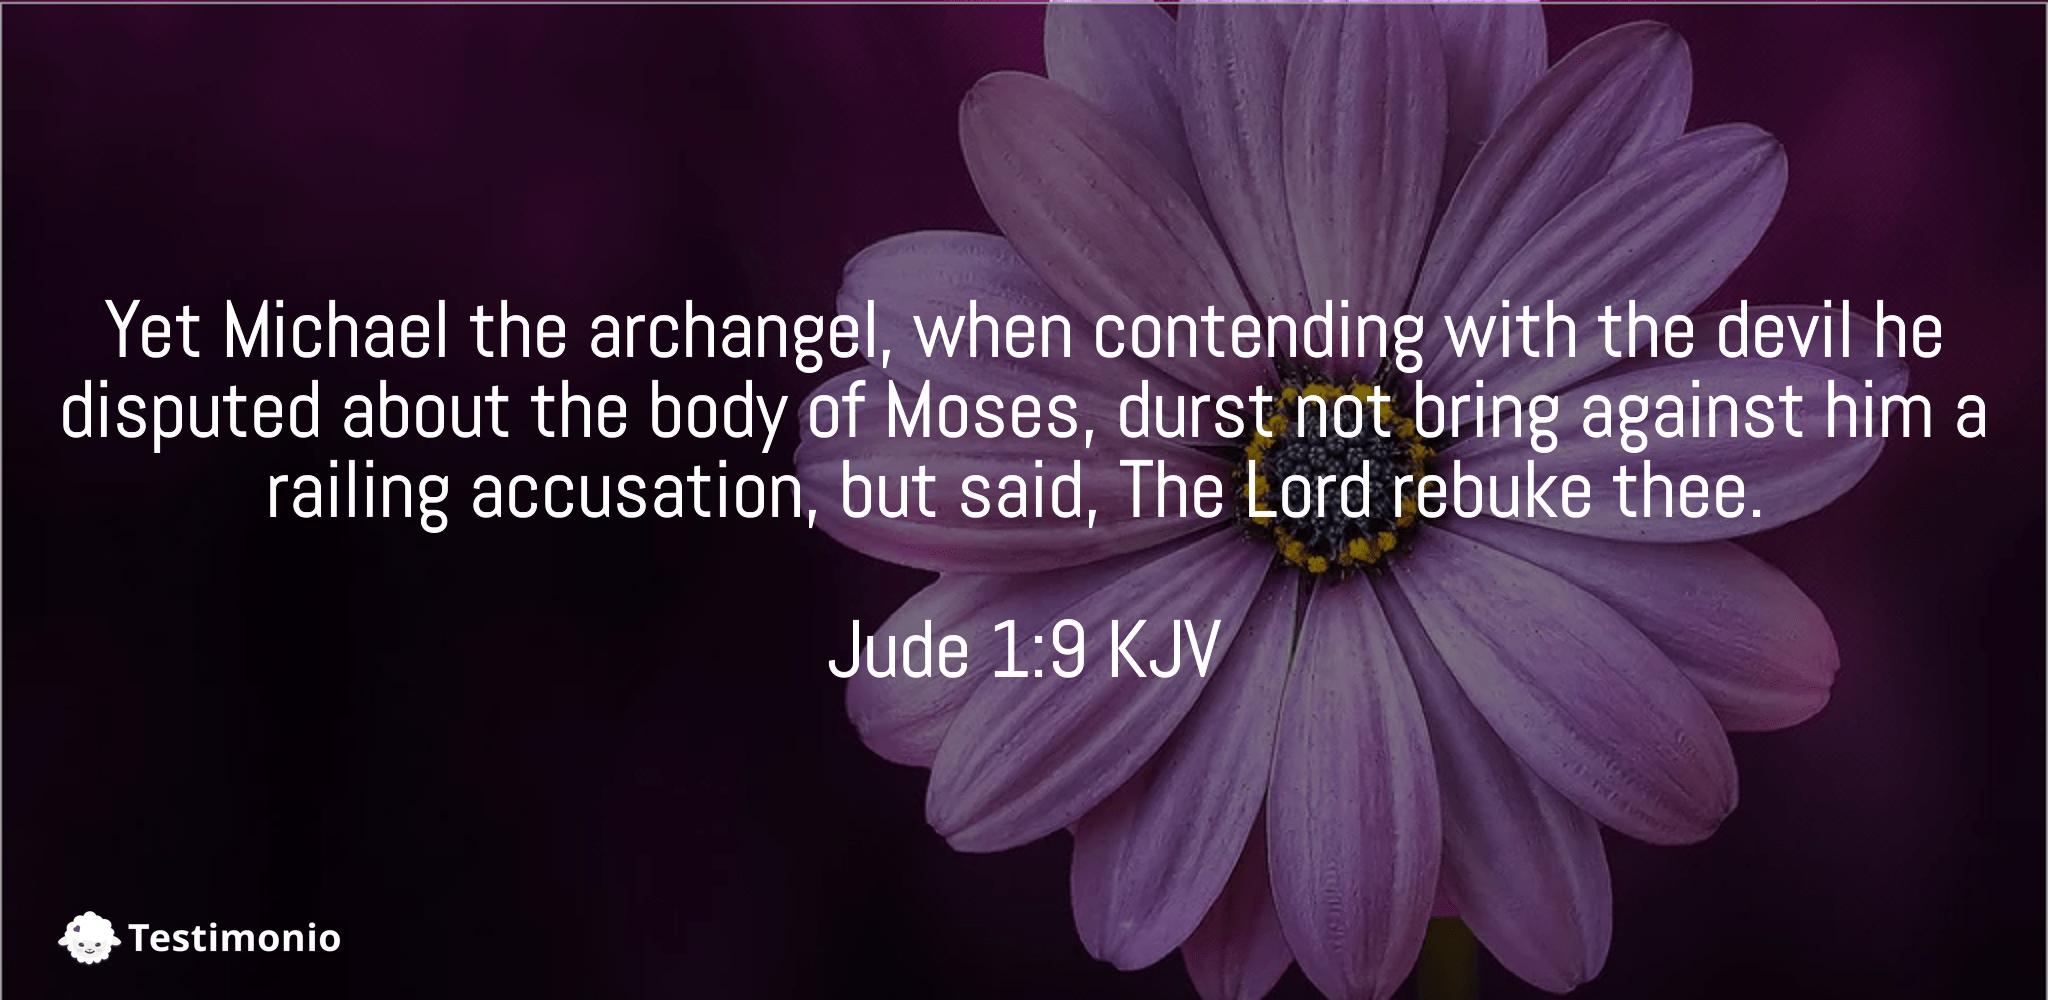 Jude 1:9